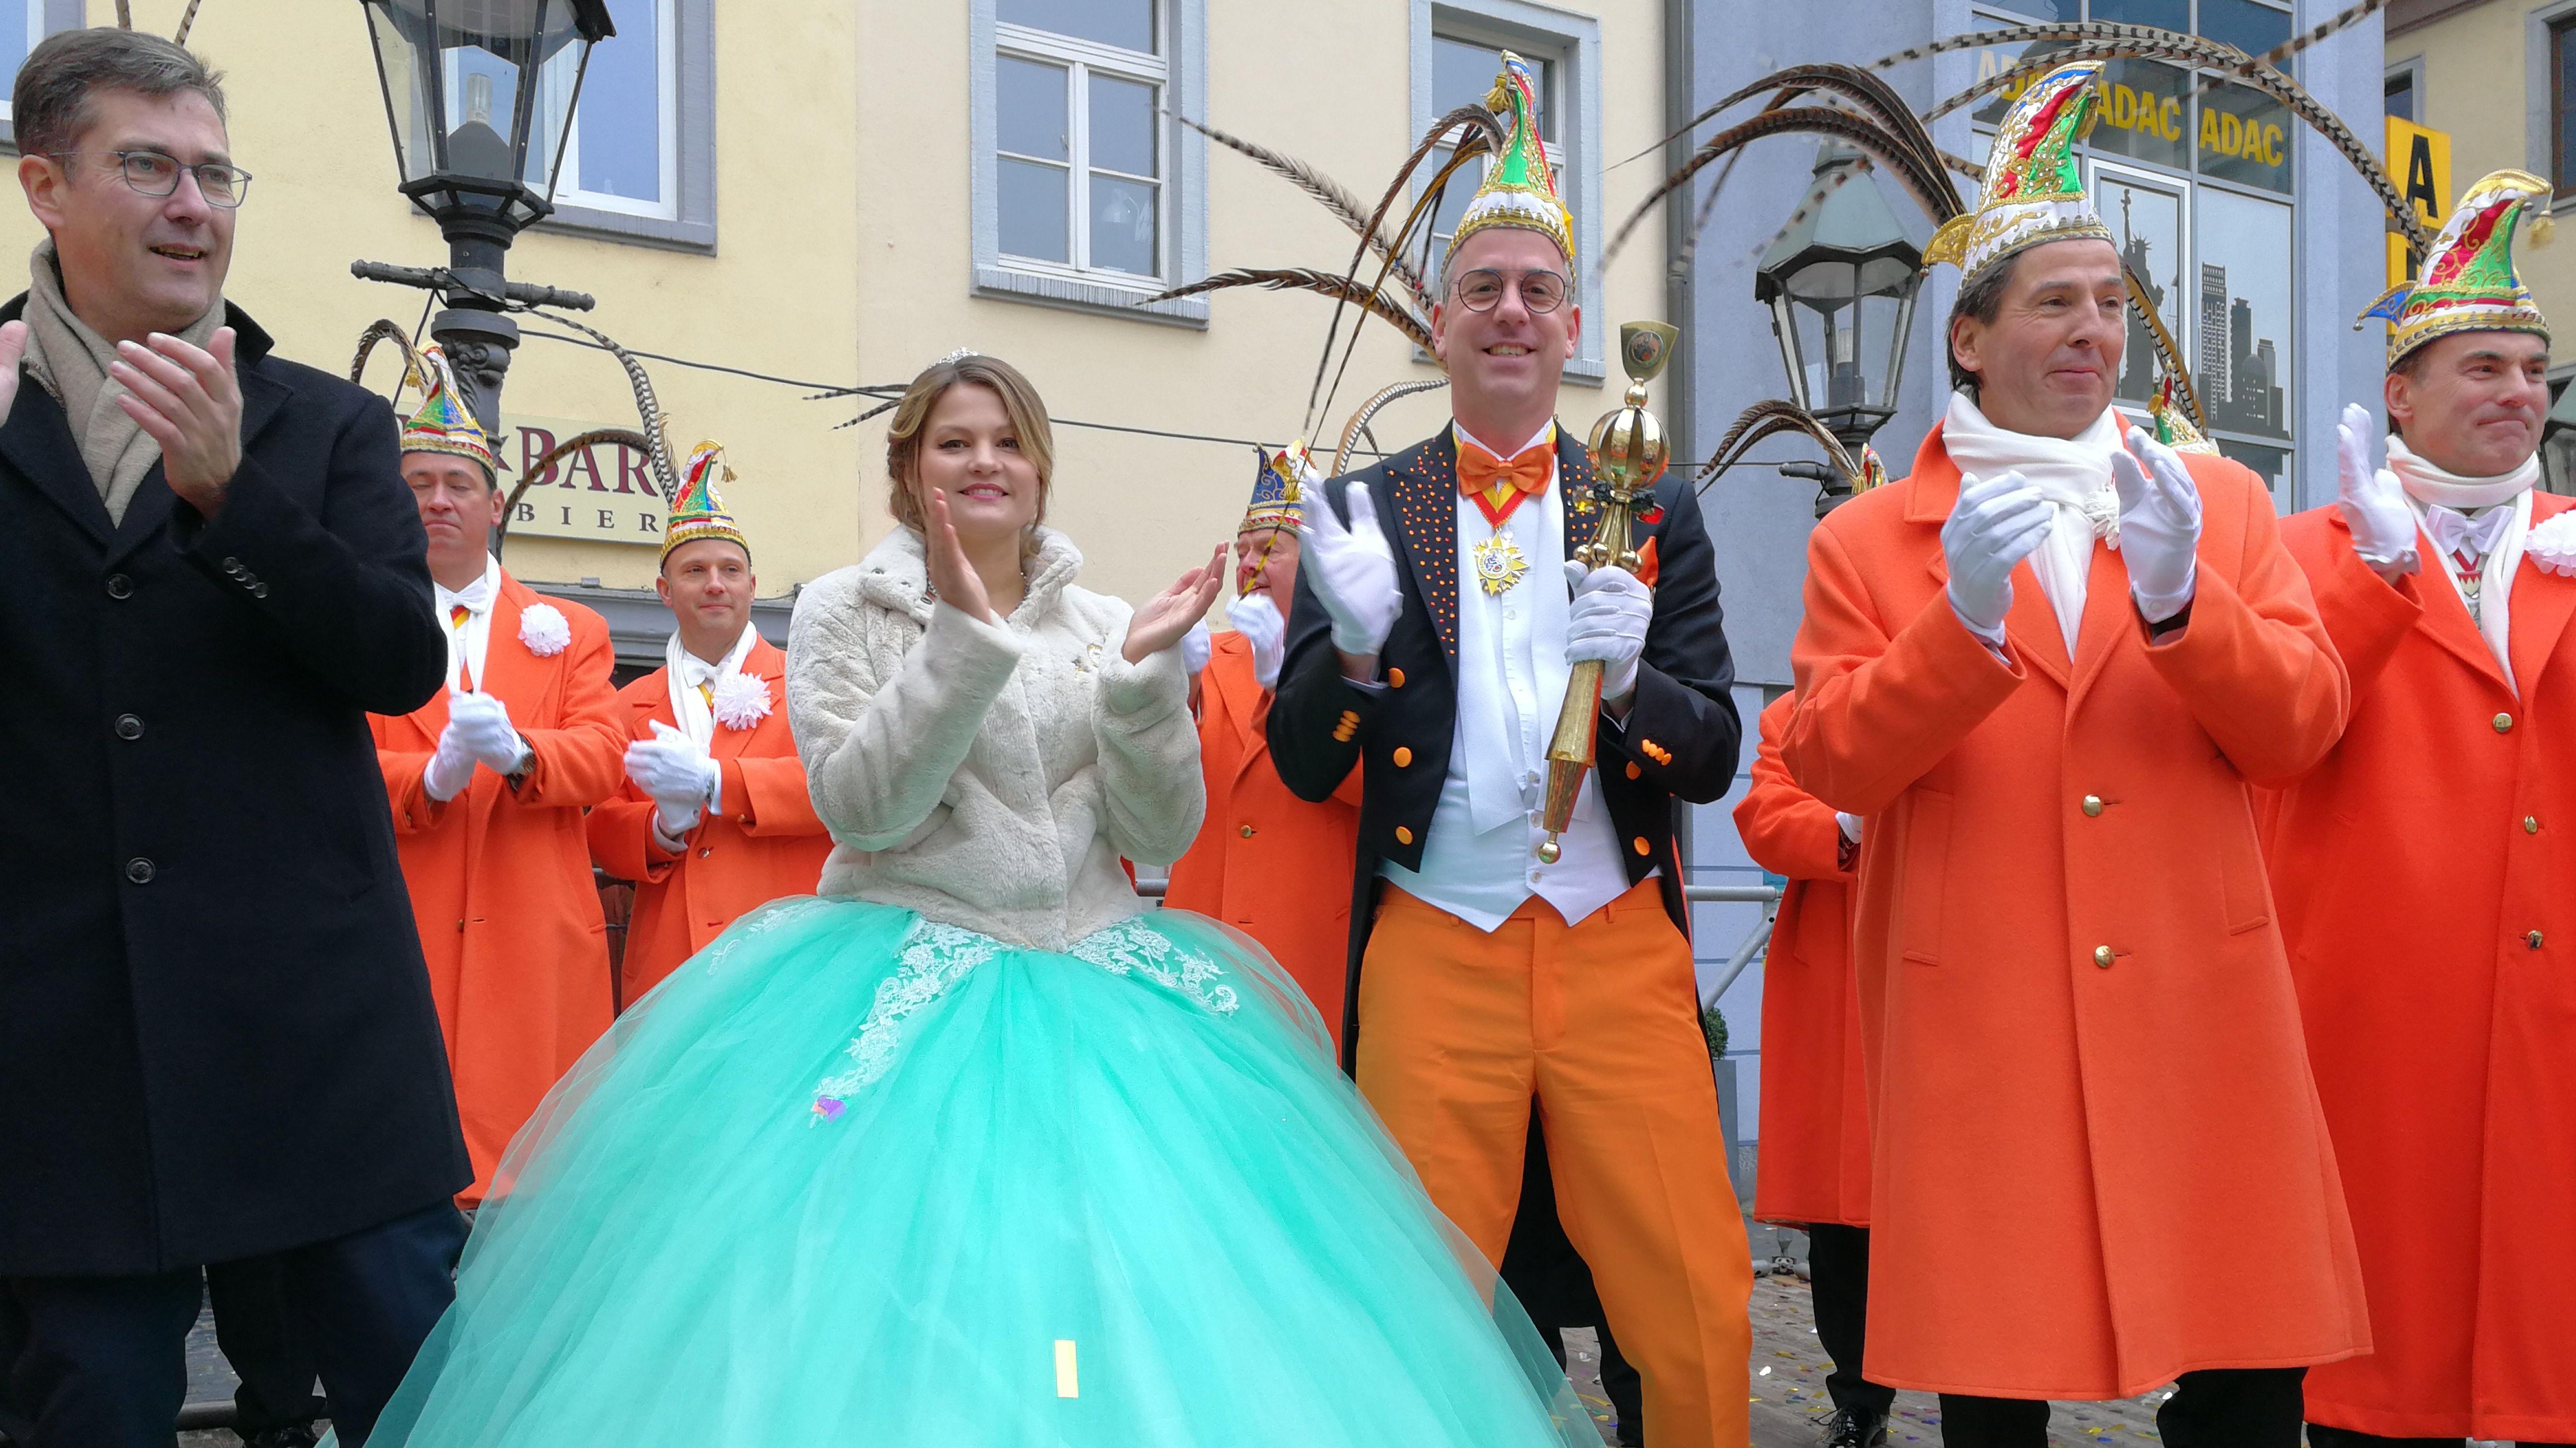 Das neue Würzburger Prinzenpaar Britta I. und Robert II. bei seiner Vorstellung in der Innenstadt.